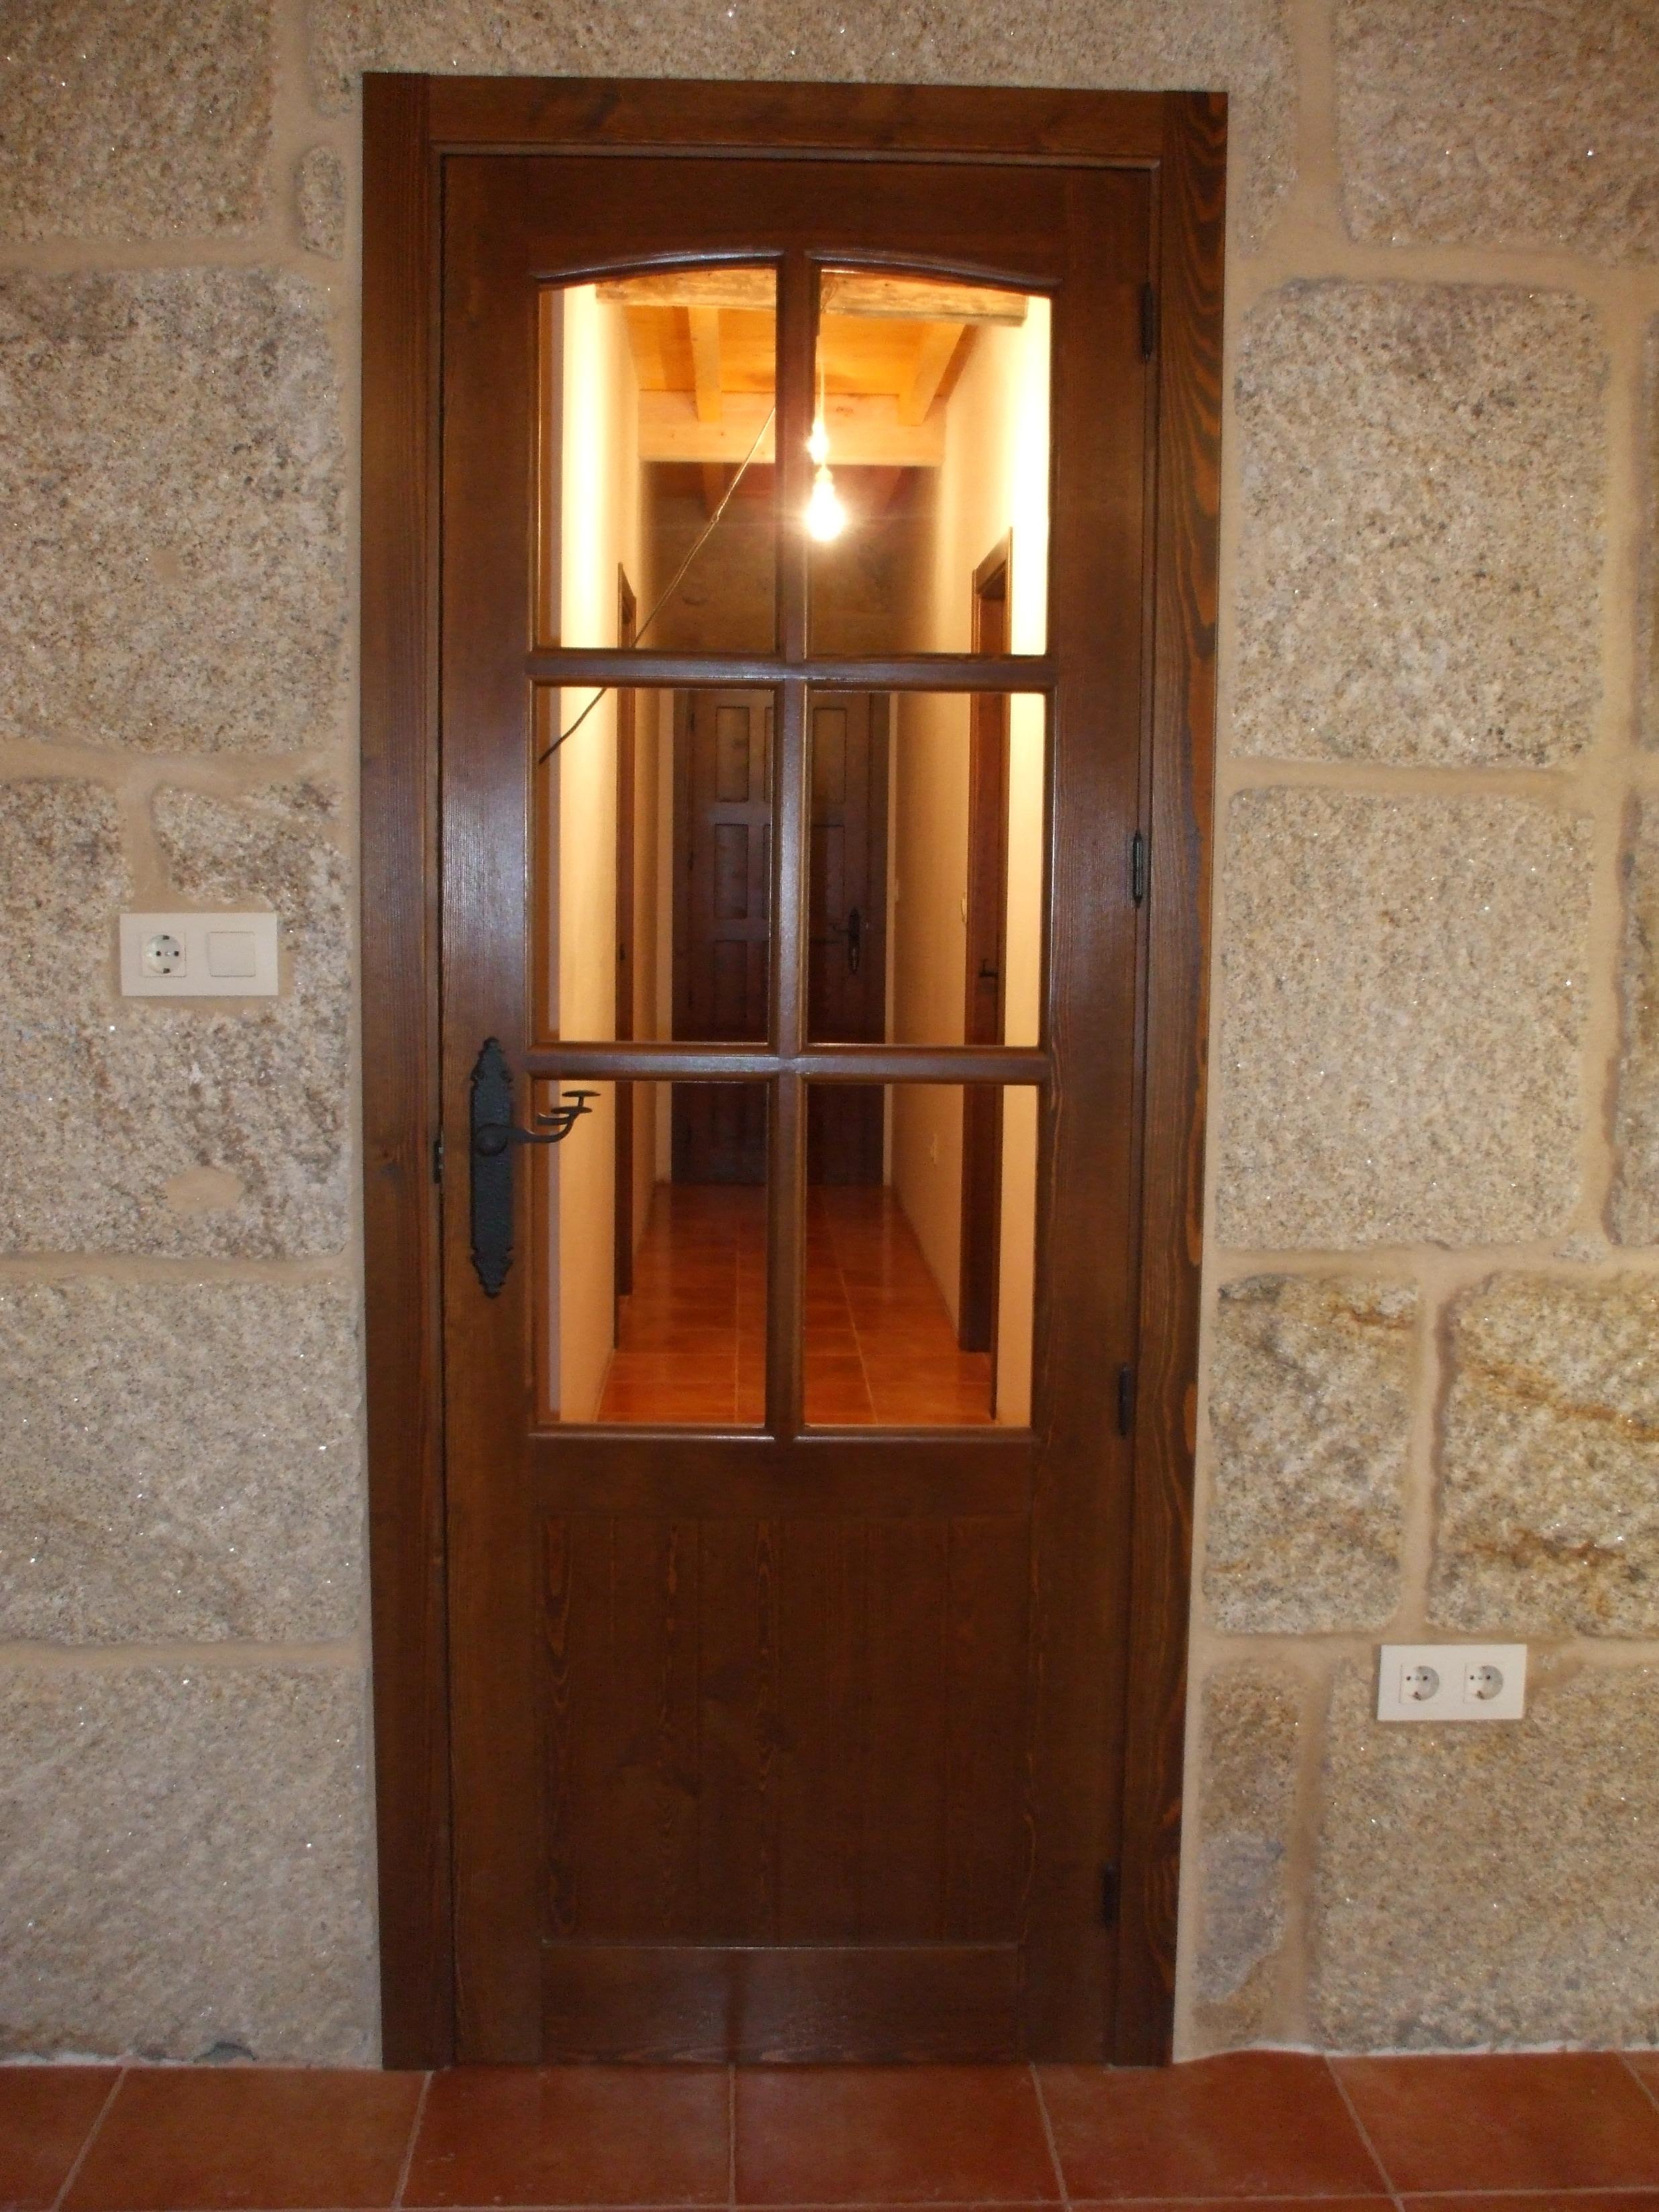 Puertas rusticas de interior modelo cuenca con curva for Puertas madera rusticas interior